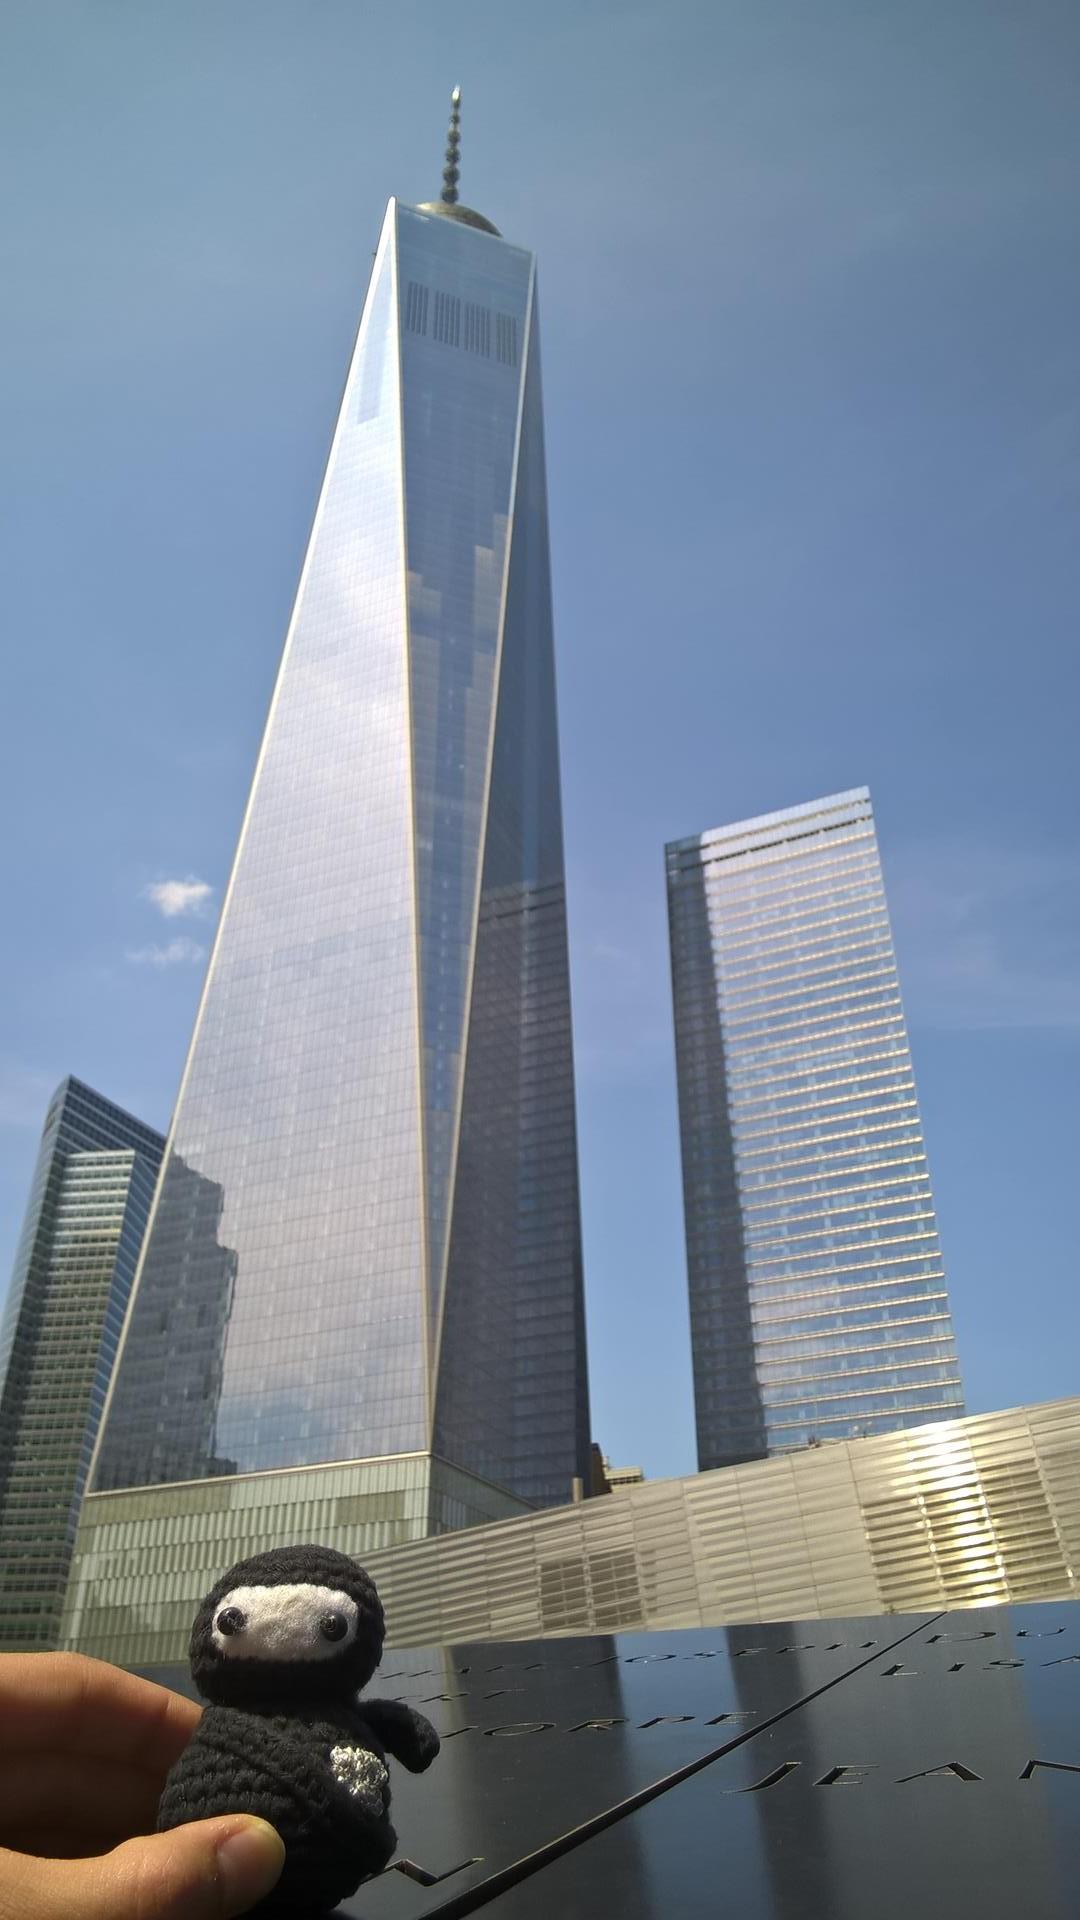 Nochmal der Freedome Tower